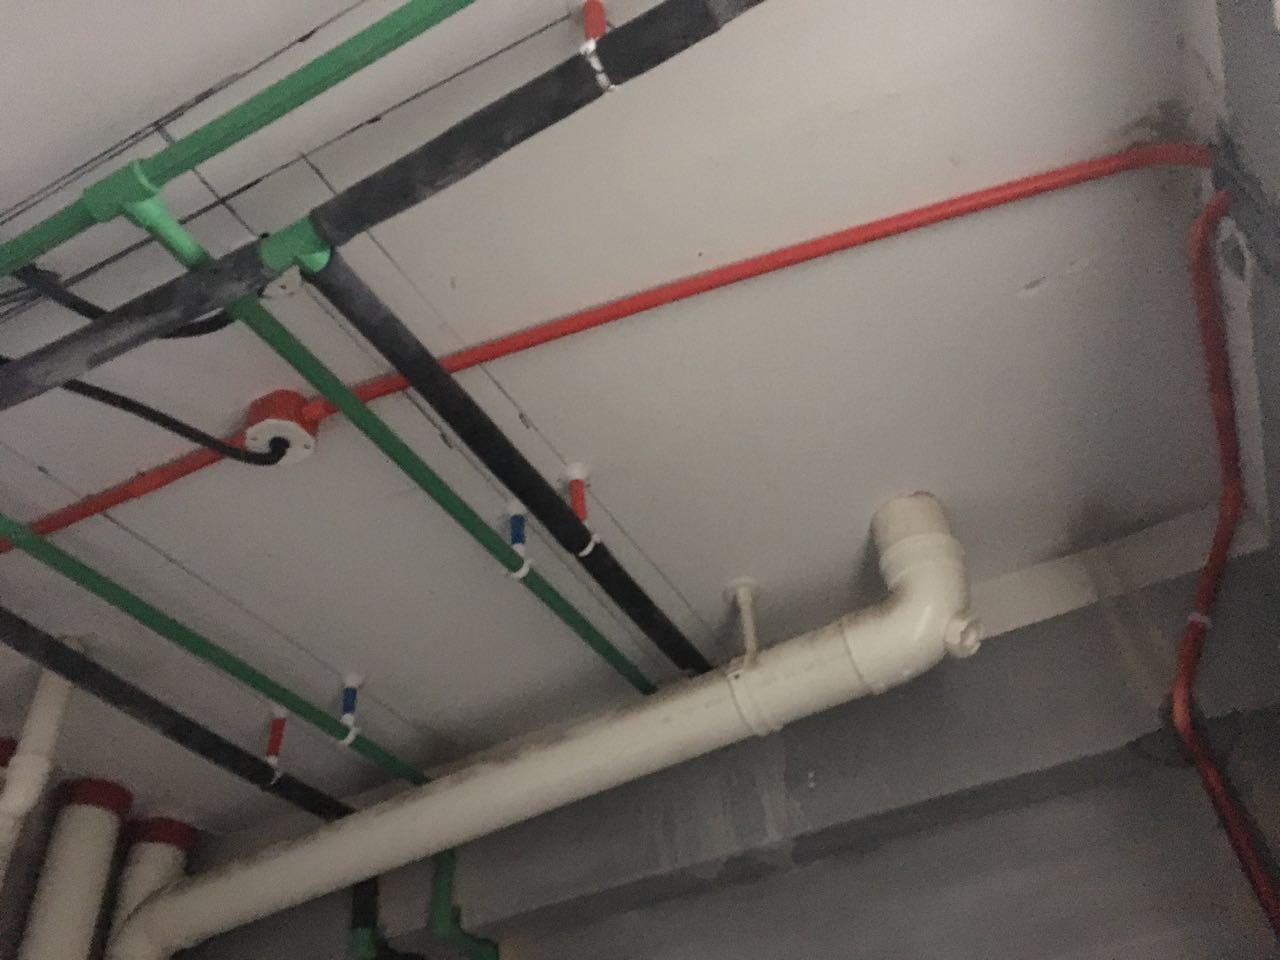 水电工程现场开槽施工进行中